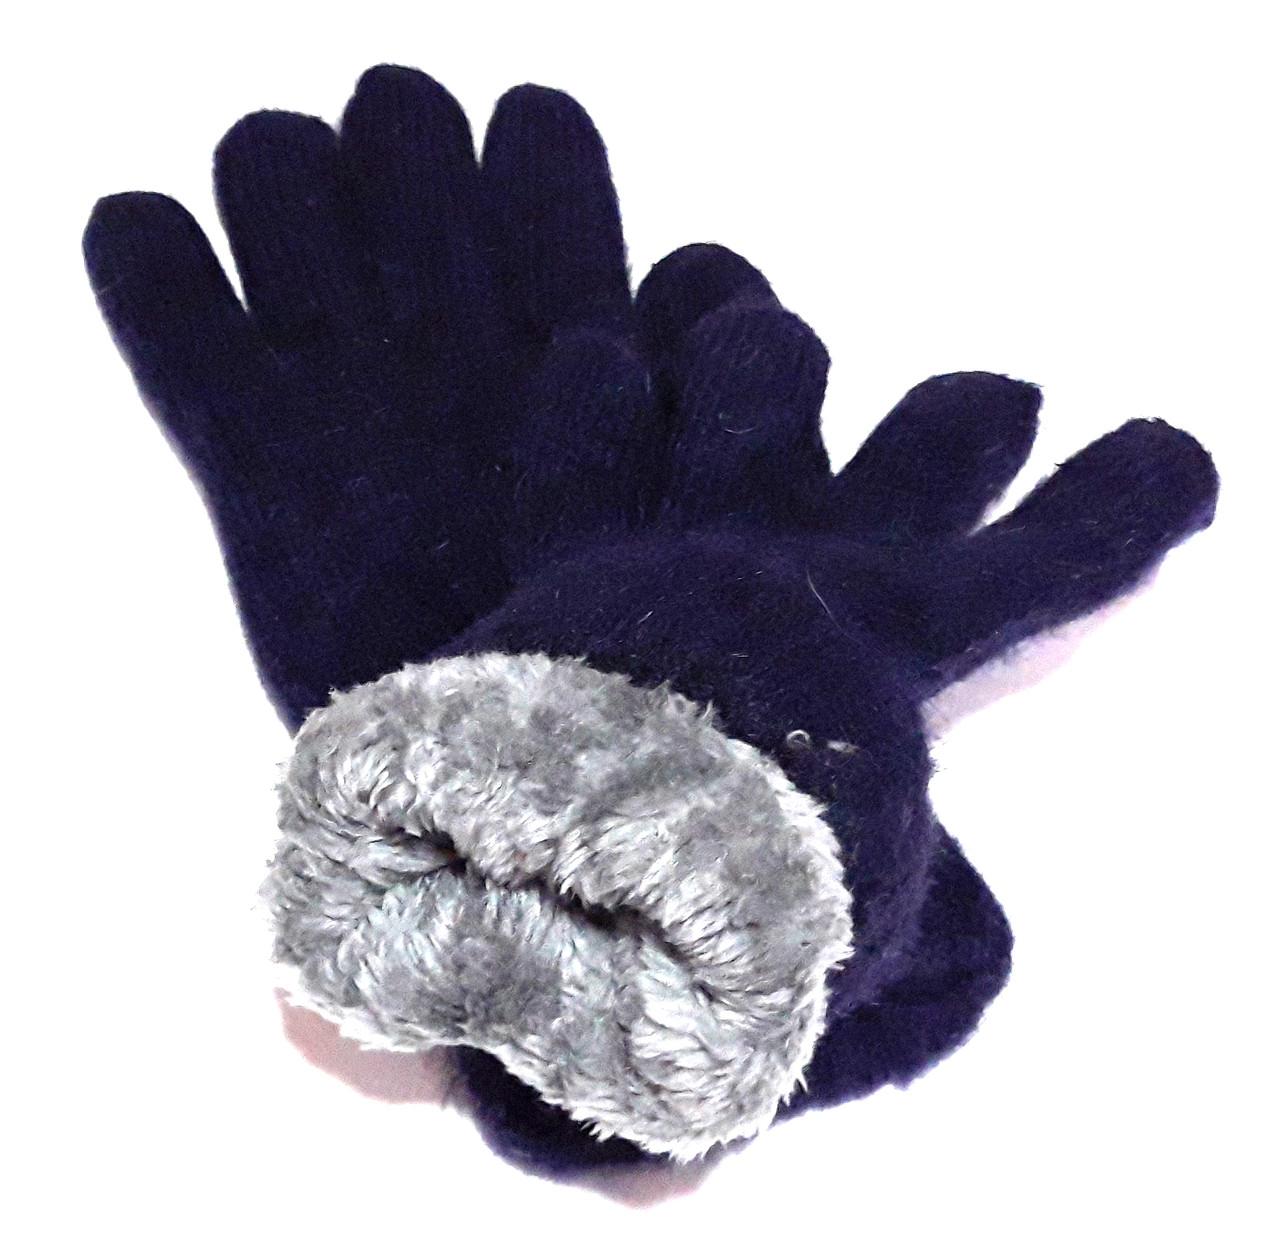 Жіночі перчатки Корона вязка/махра (7-8,5), темно-сині